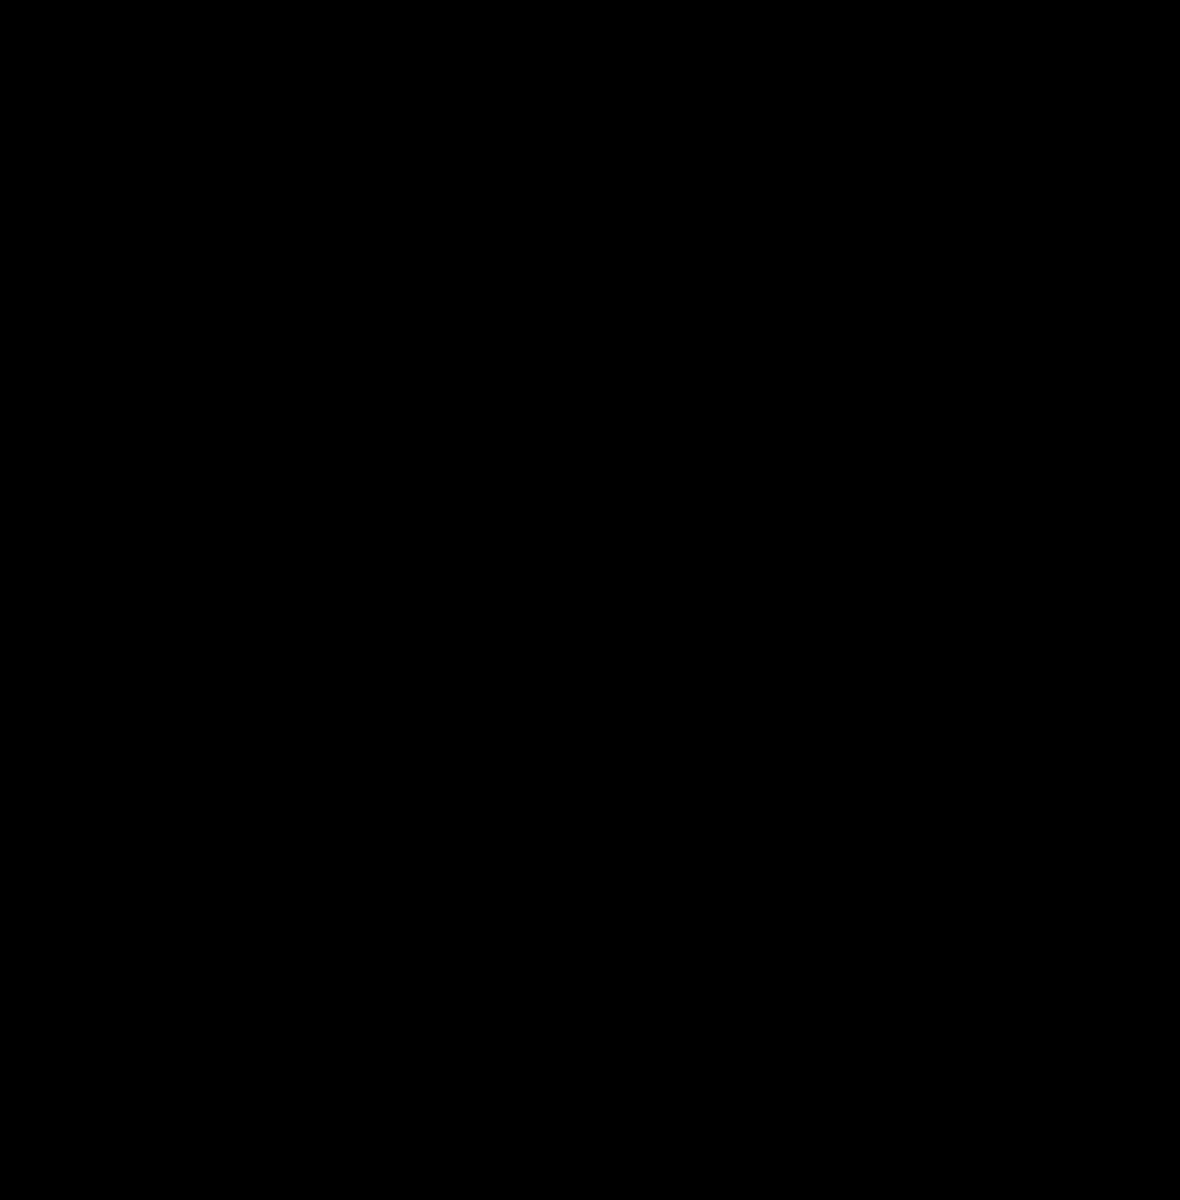 f:id:kondatetanaka:20210222125850p:plain